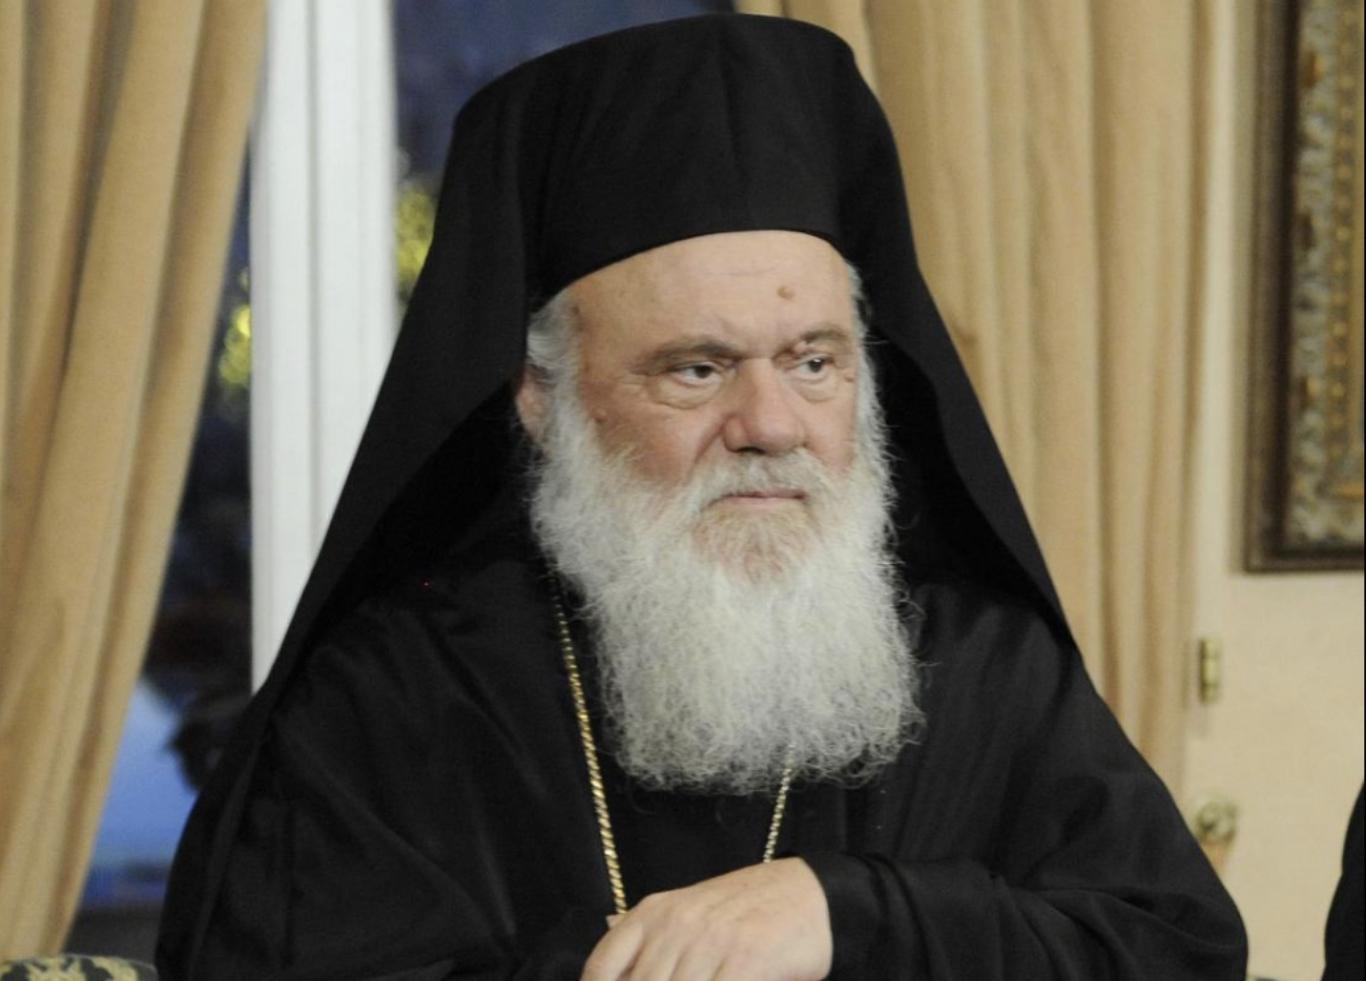 Grčka: Arhiepiskop Atine primljen u bolnicu nakon pozitivnog telsta na koronavirus